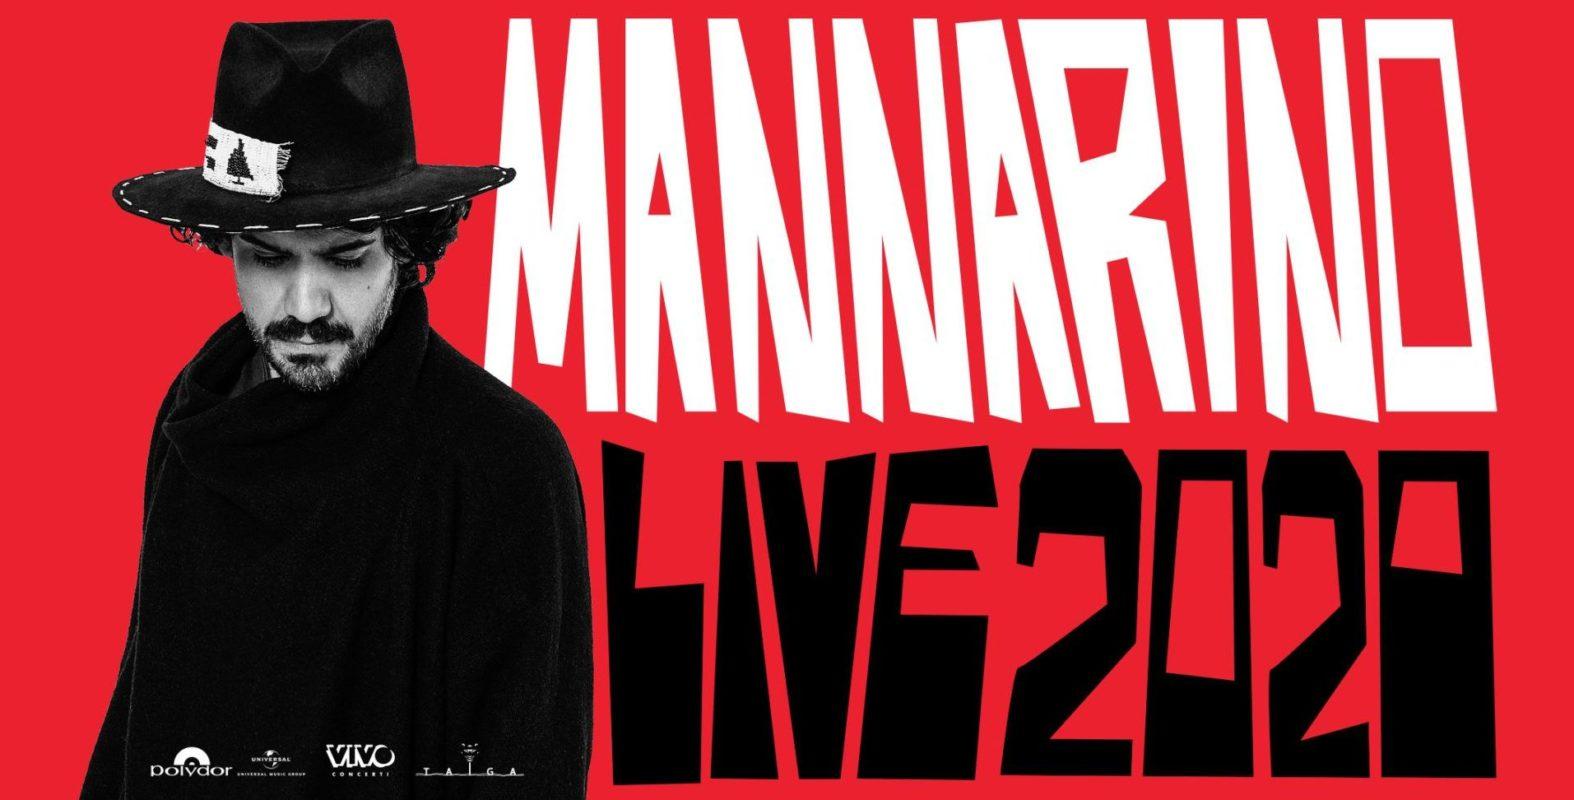 A ottobre Catania ospiterà l'unico live siciliano del tour 2020 di Mannarino